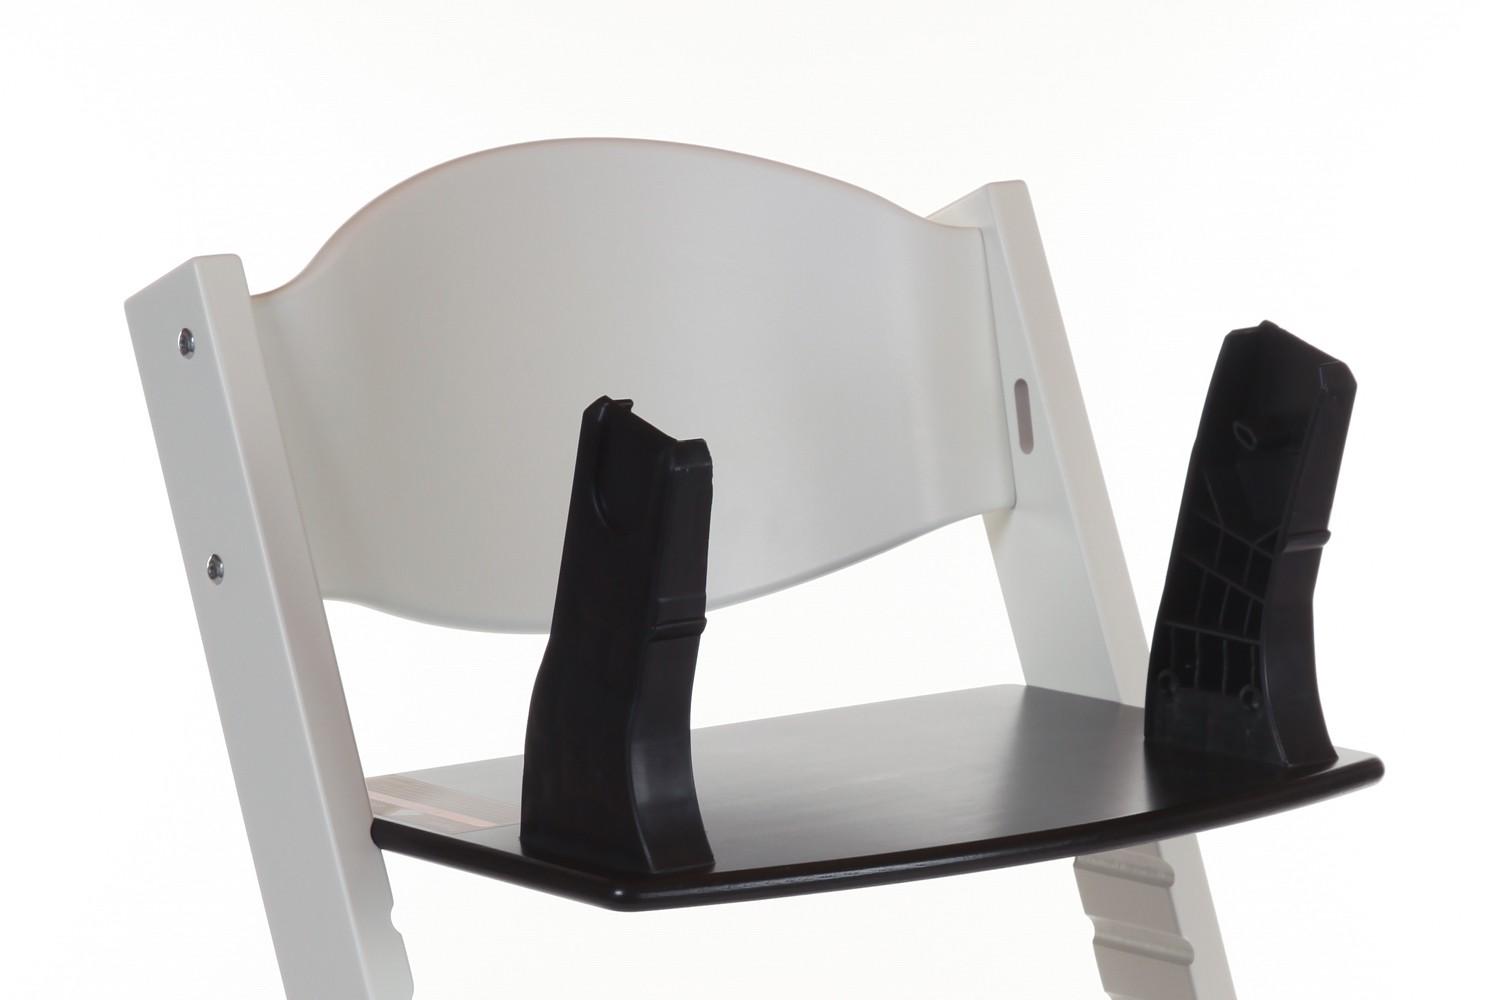 cybex babytrage top preise schnelle lieferung. Black Bedroom Furniture Sets. Home Design Ideas